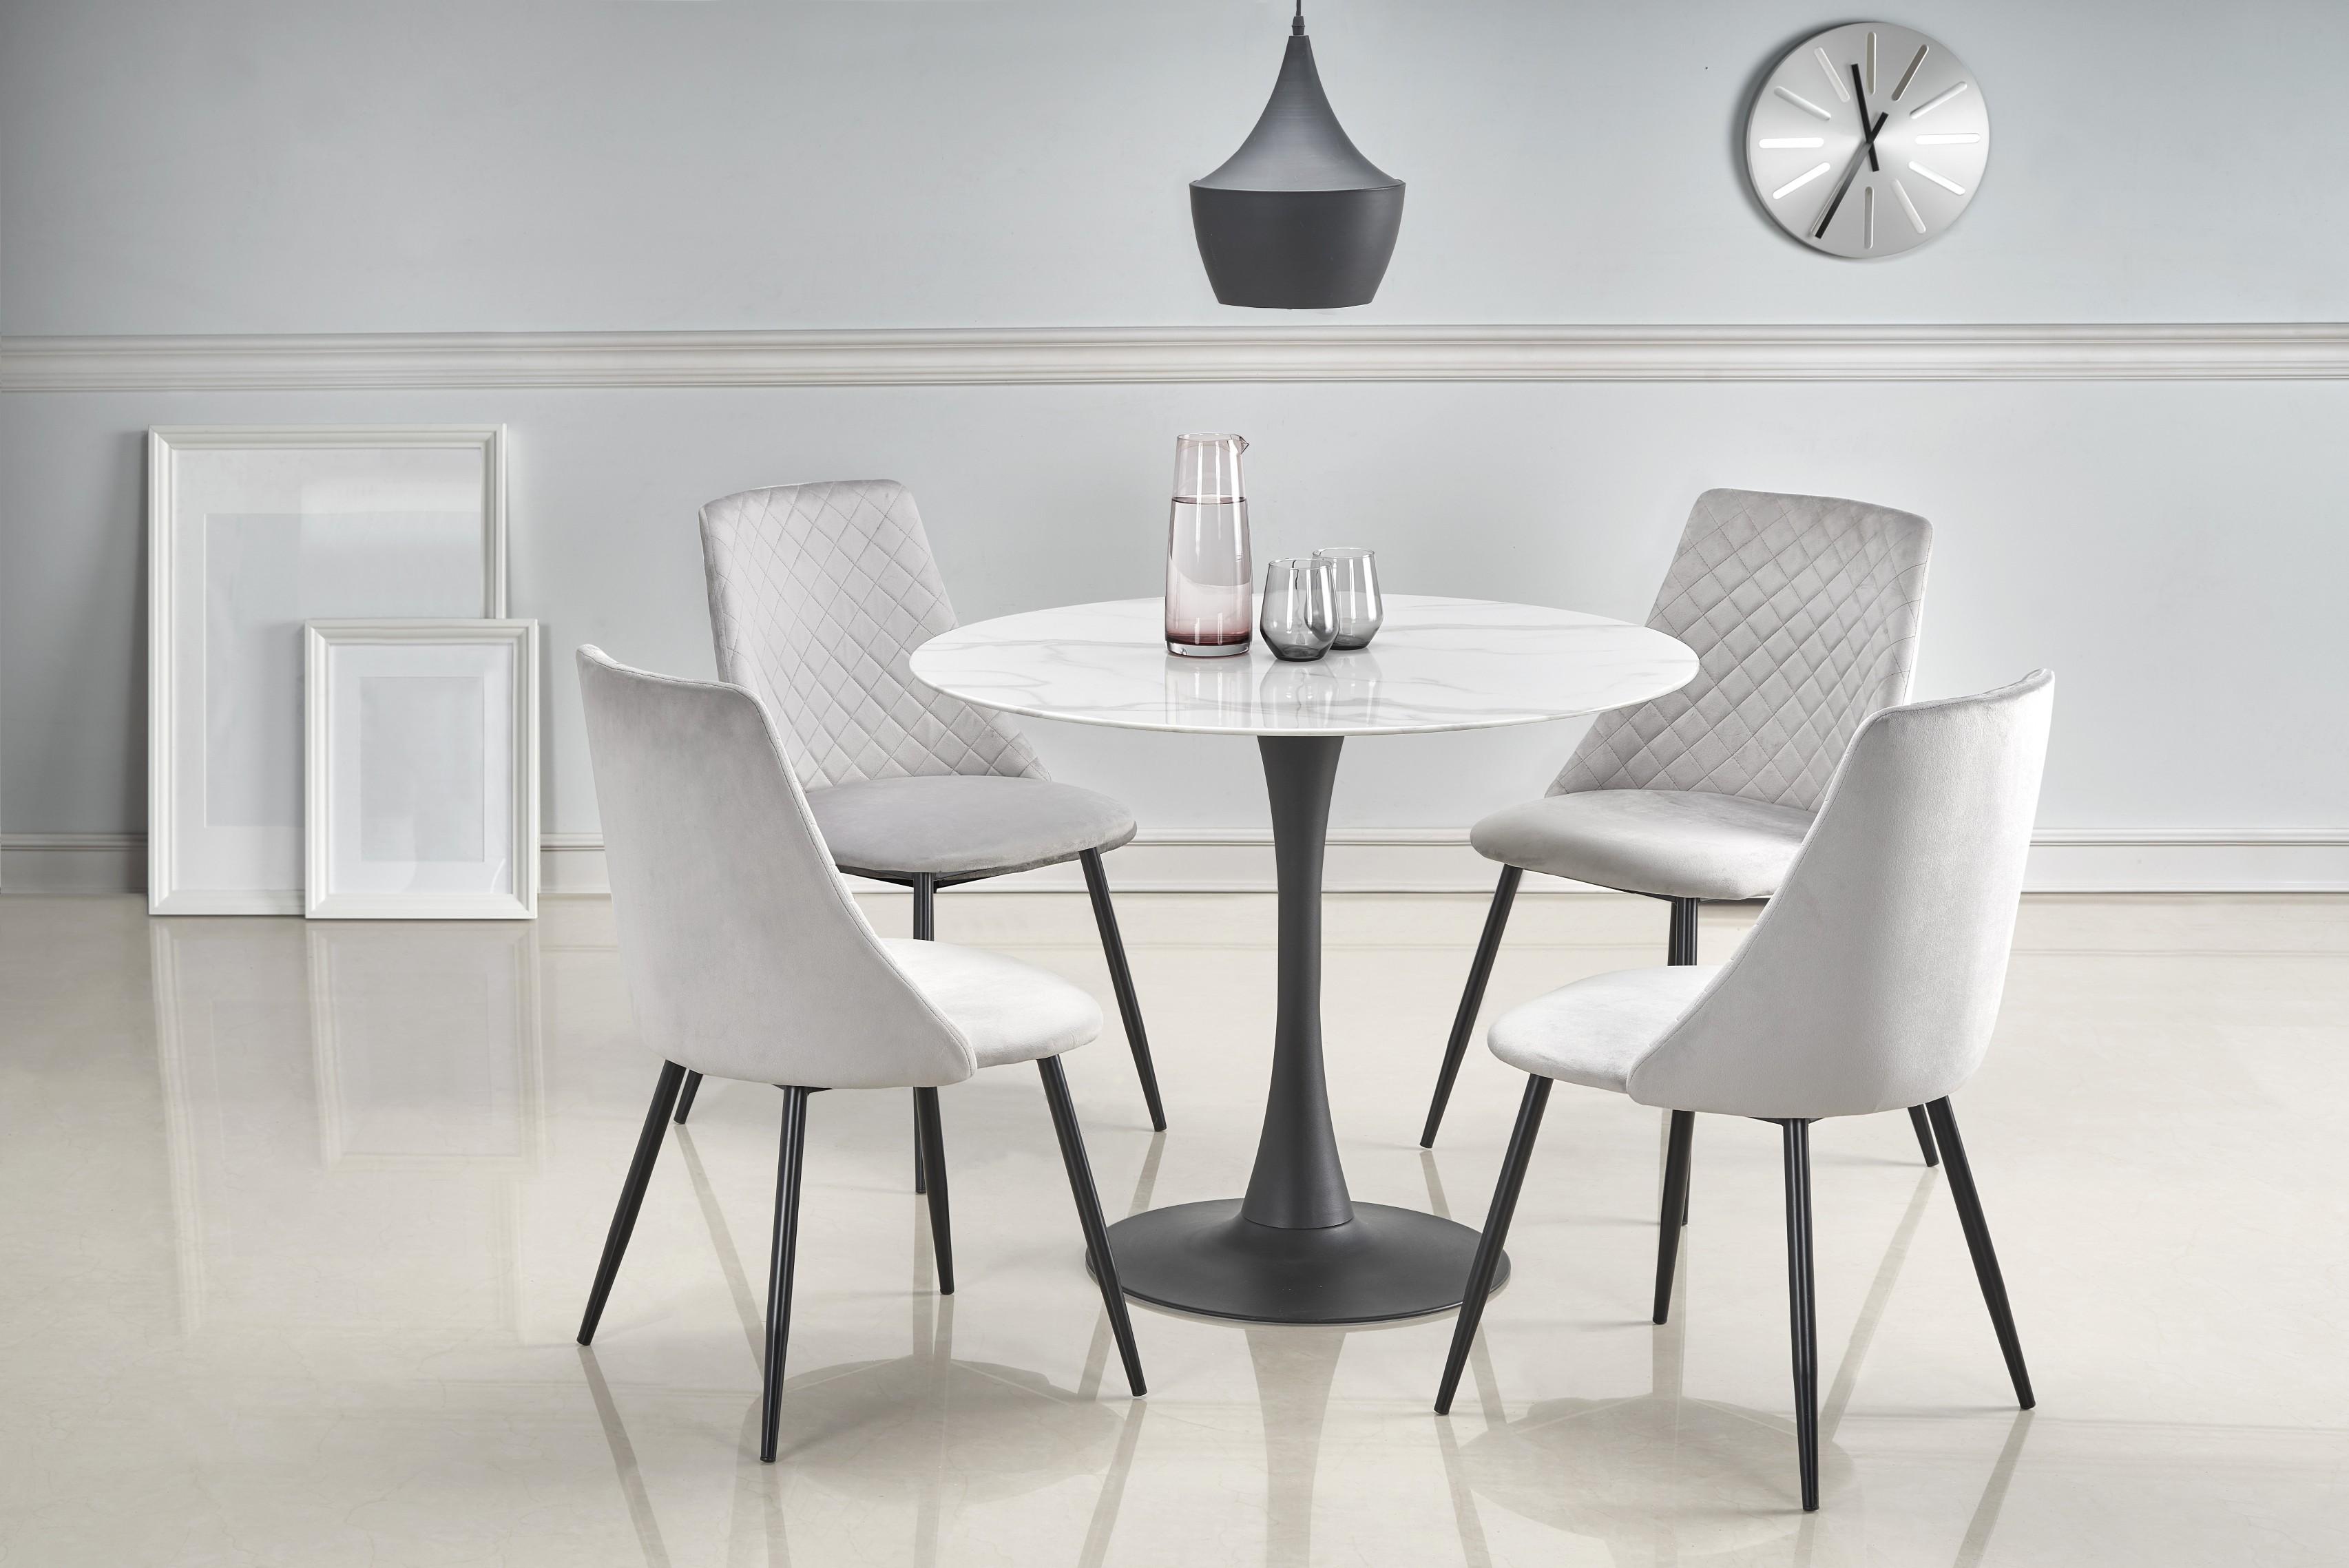 AMBROSIO okrúhly stôl, doska - mramor, noha - čierna